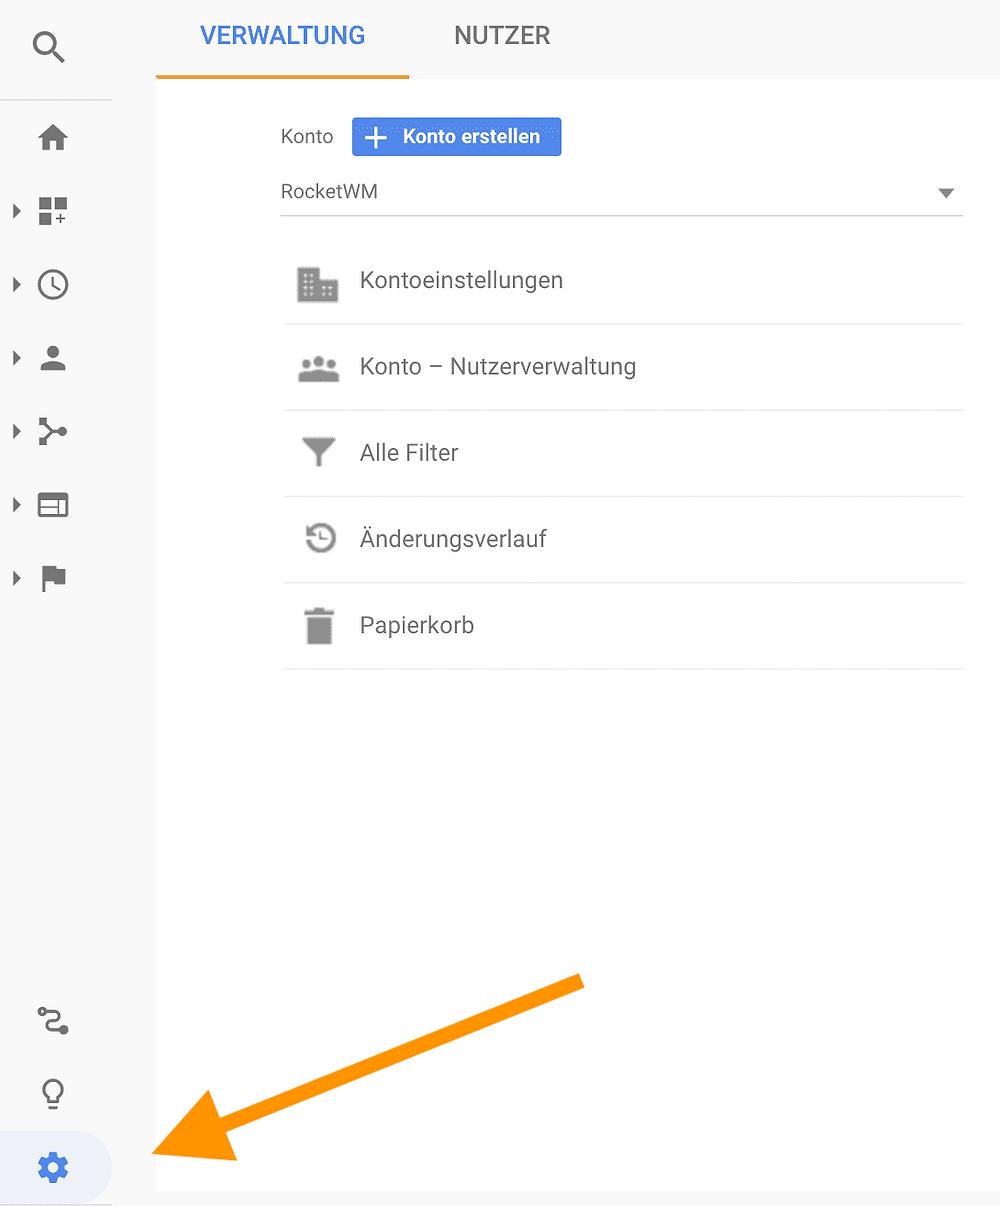 Google Analytics Verwaltung